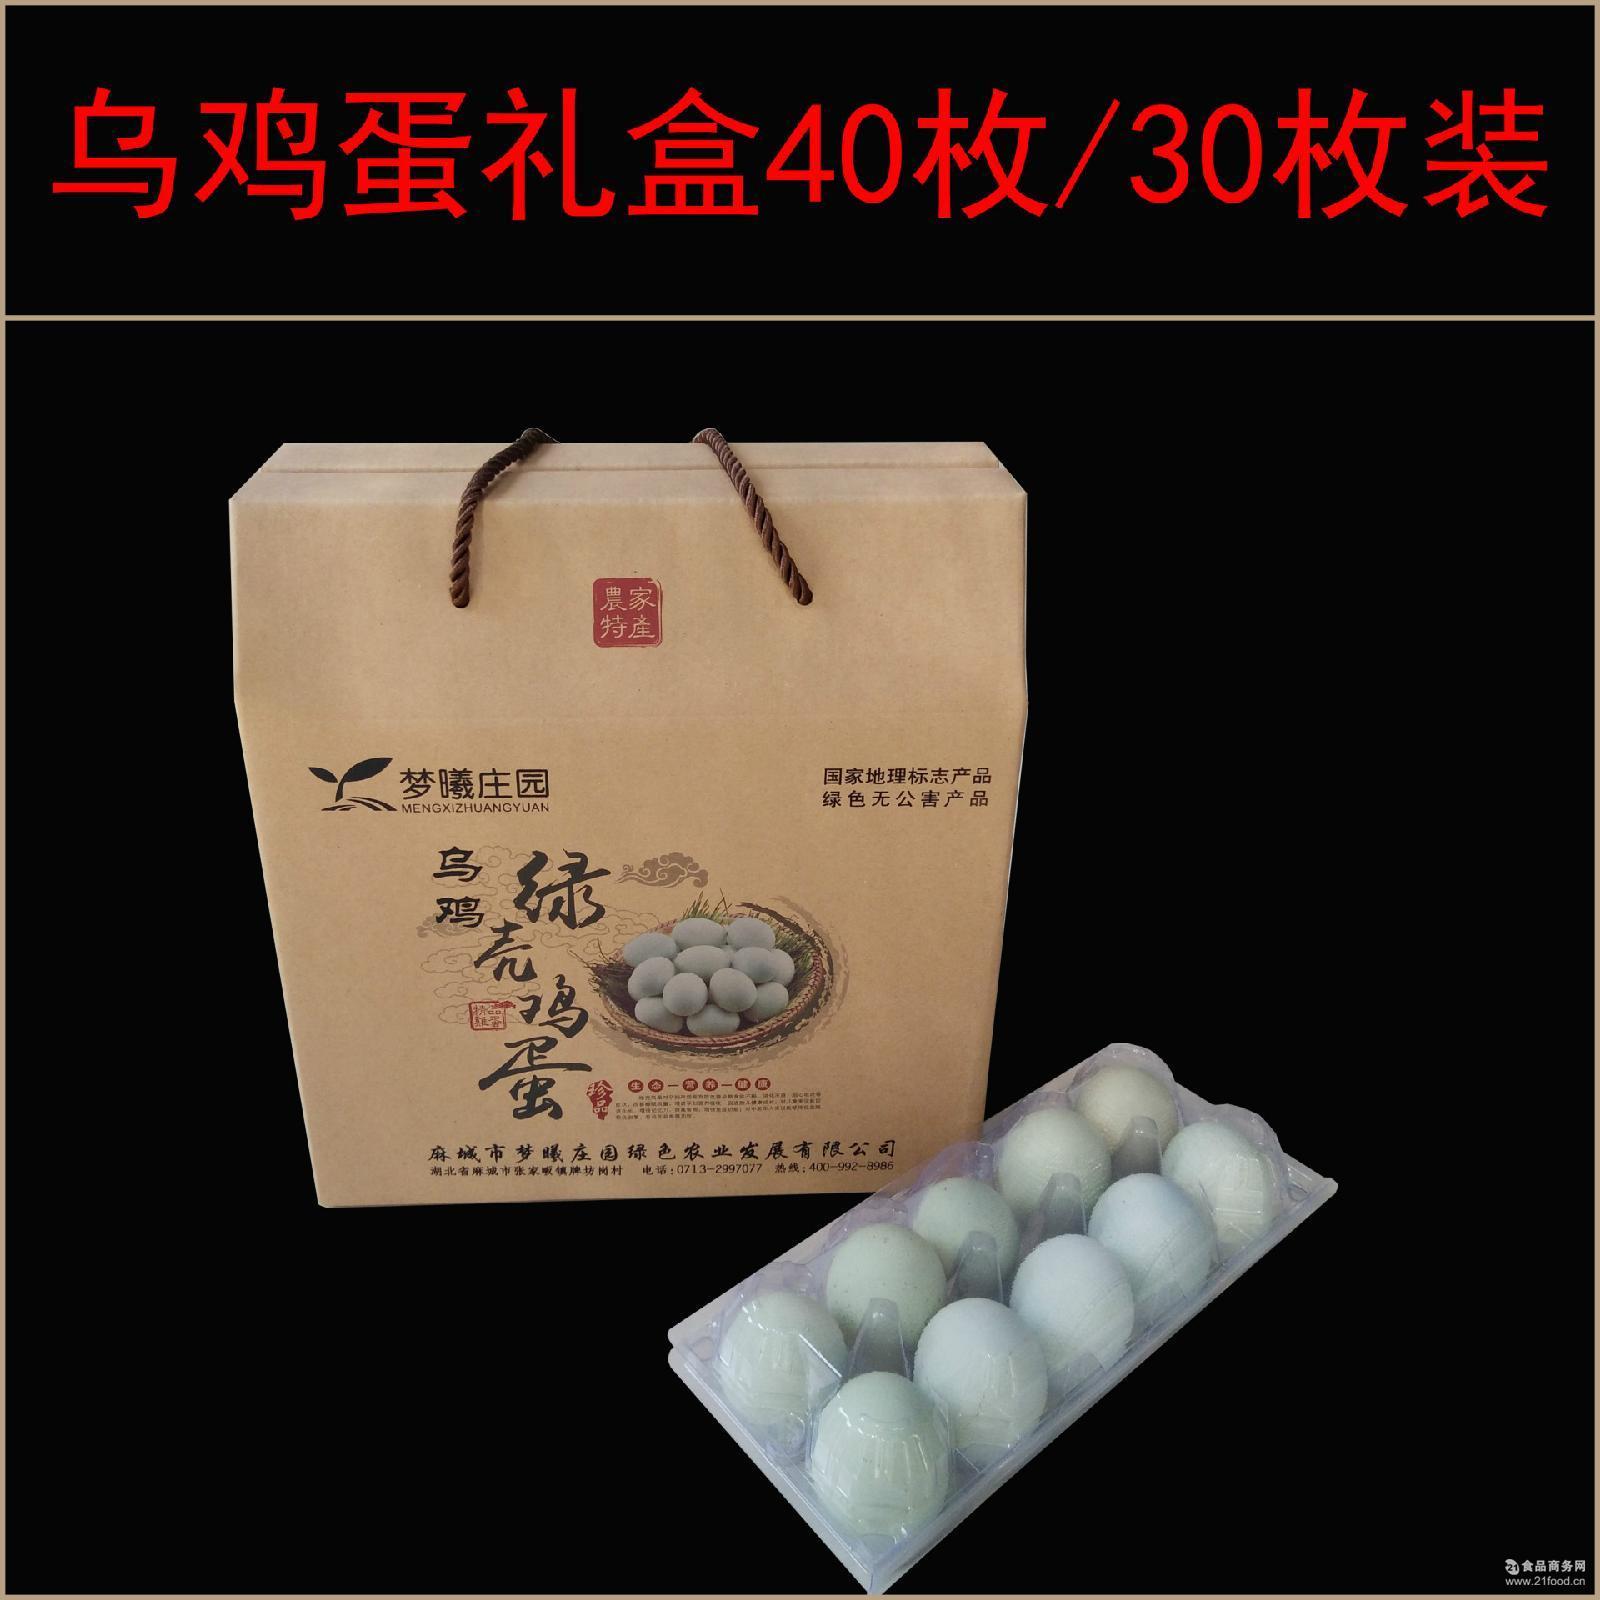 绿壳乌鸡蛋土鸡蛋草鸡蛋礼盒包装送礼佳品高档月子蛋团购采购福利